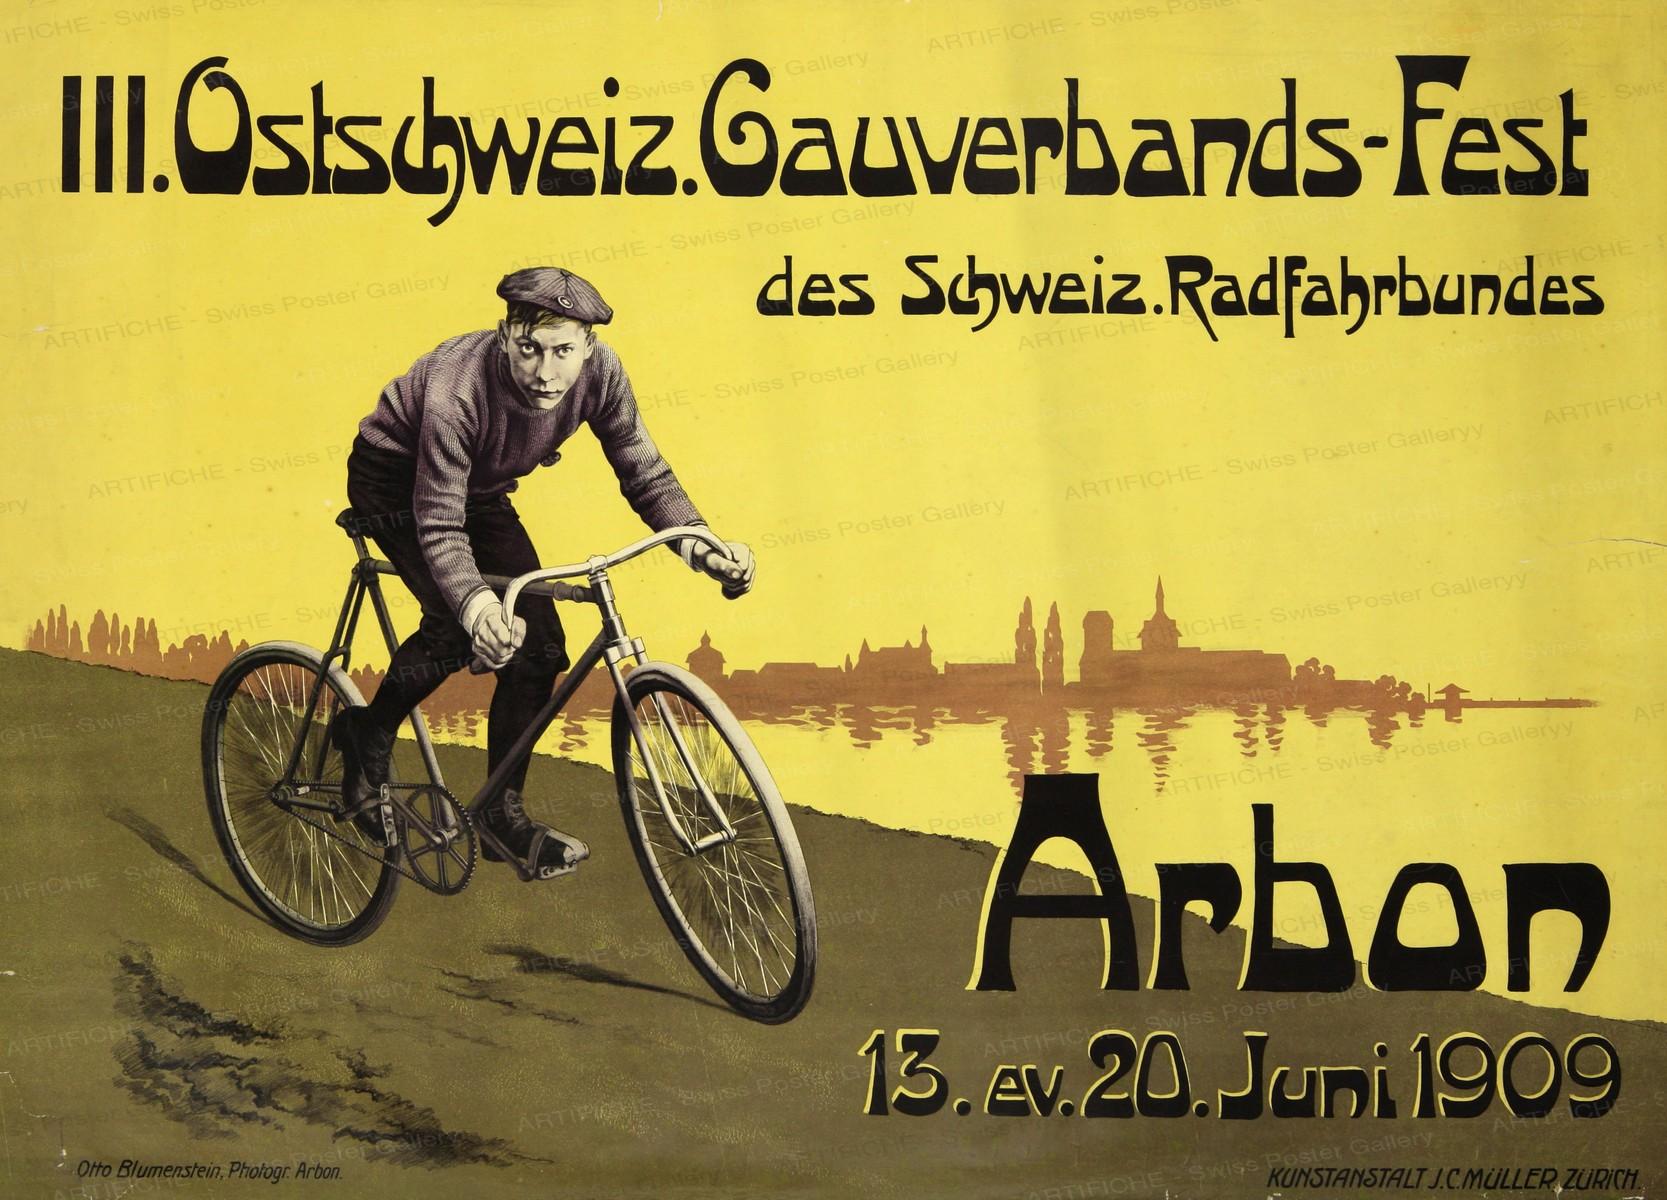 Bicycle Festival Eastern Switzerland, Otto Blumenstein